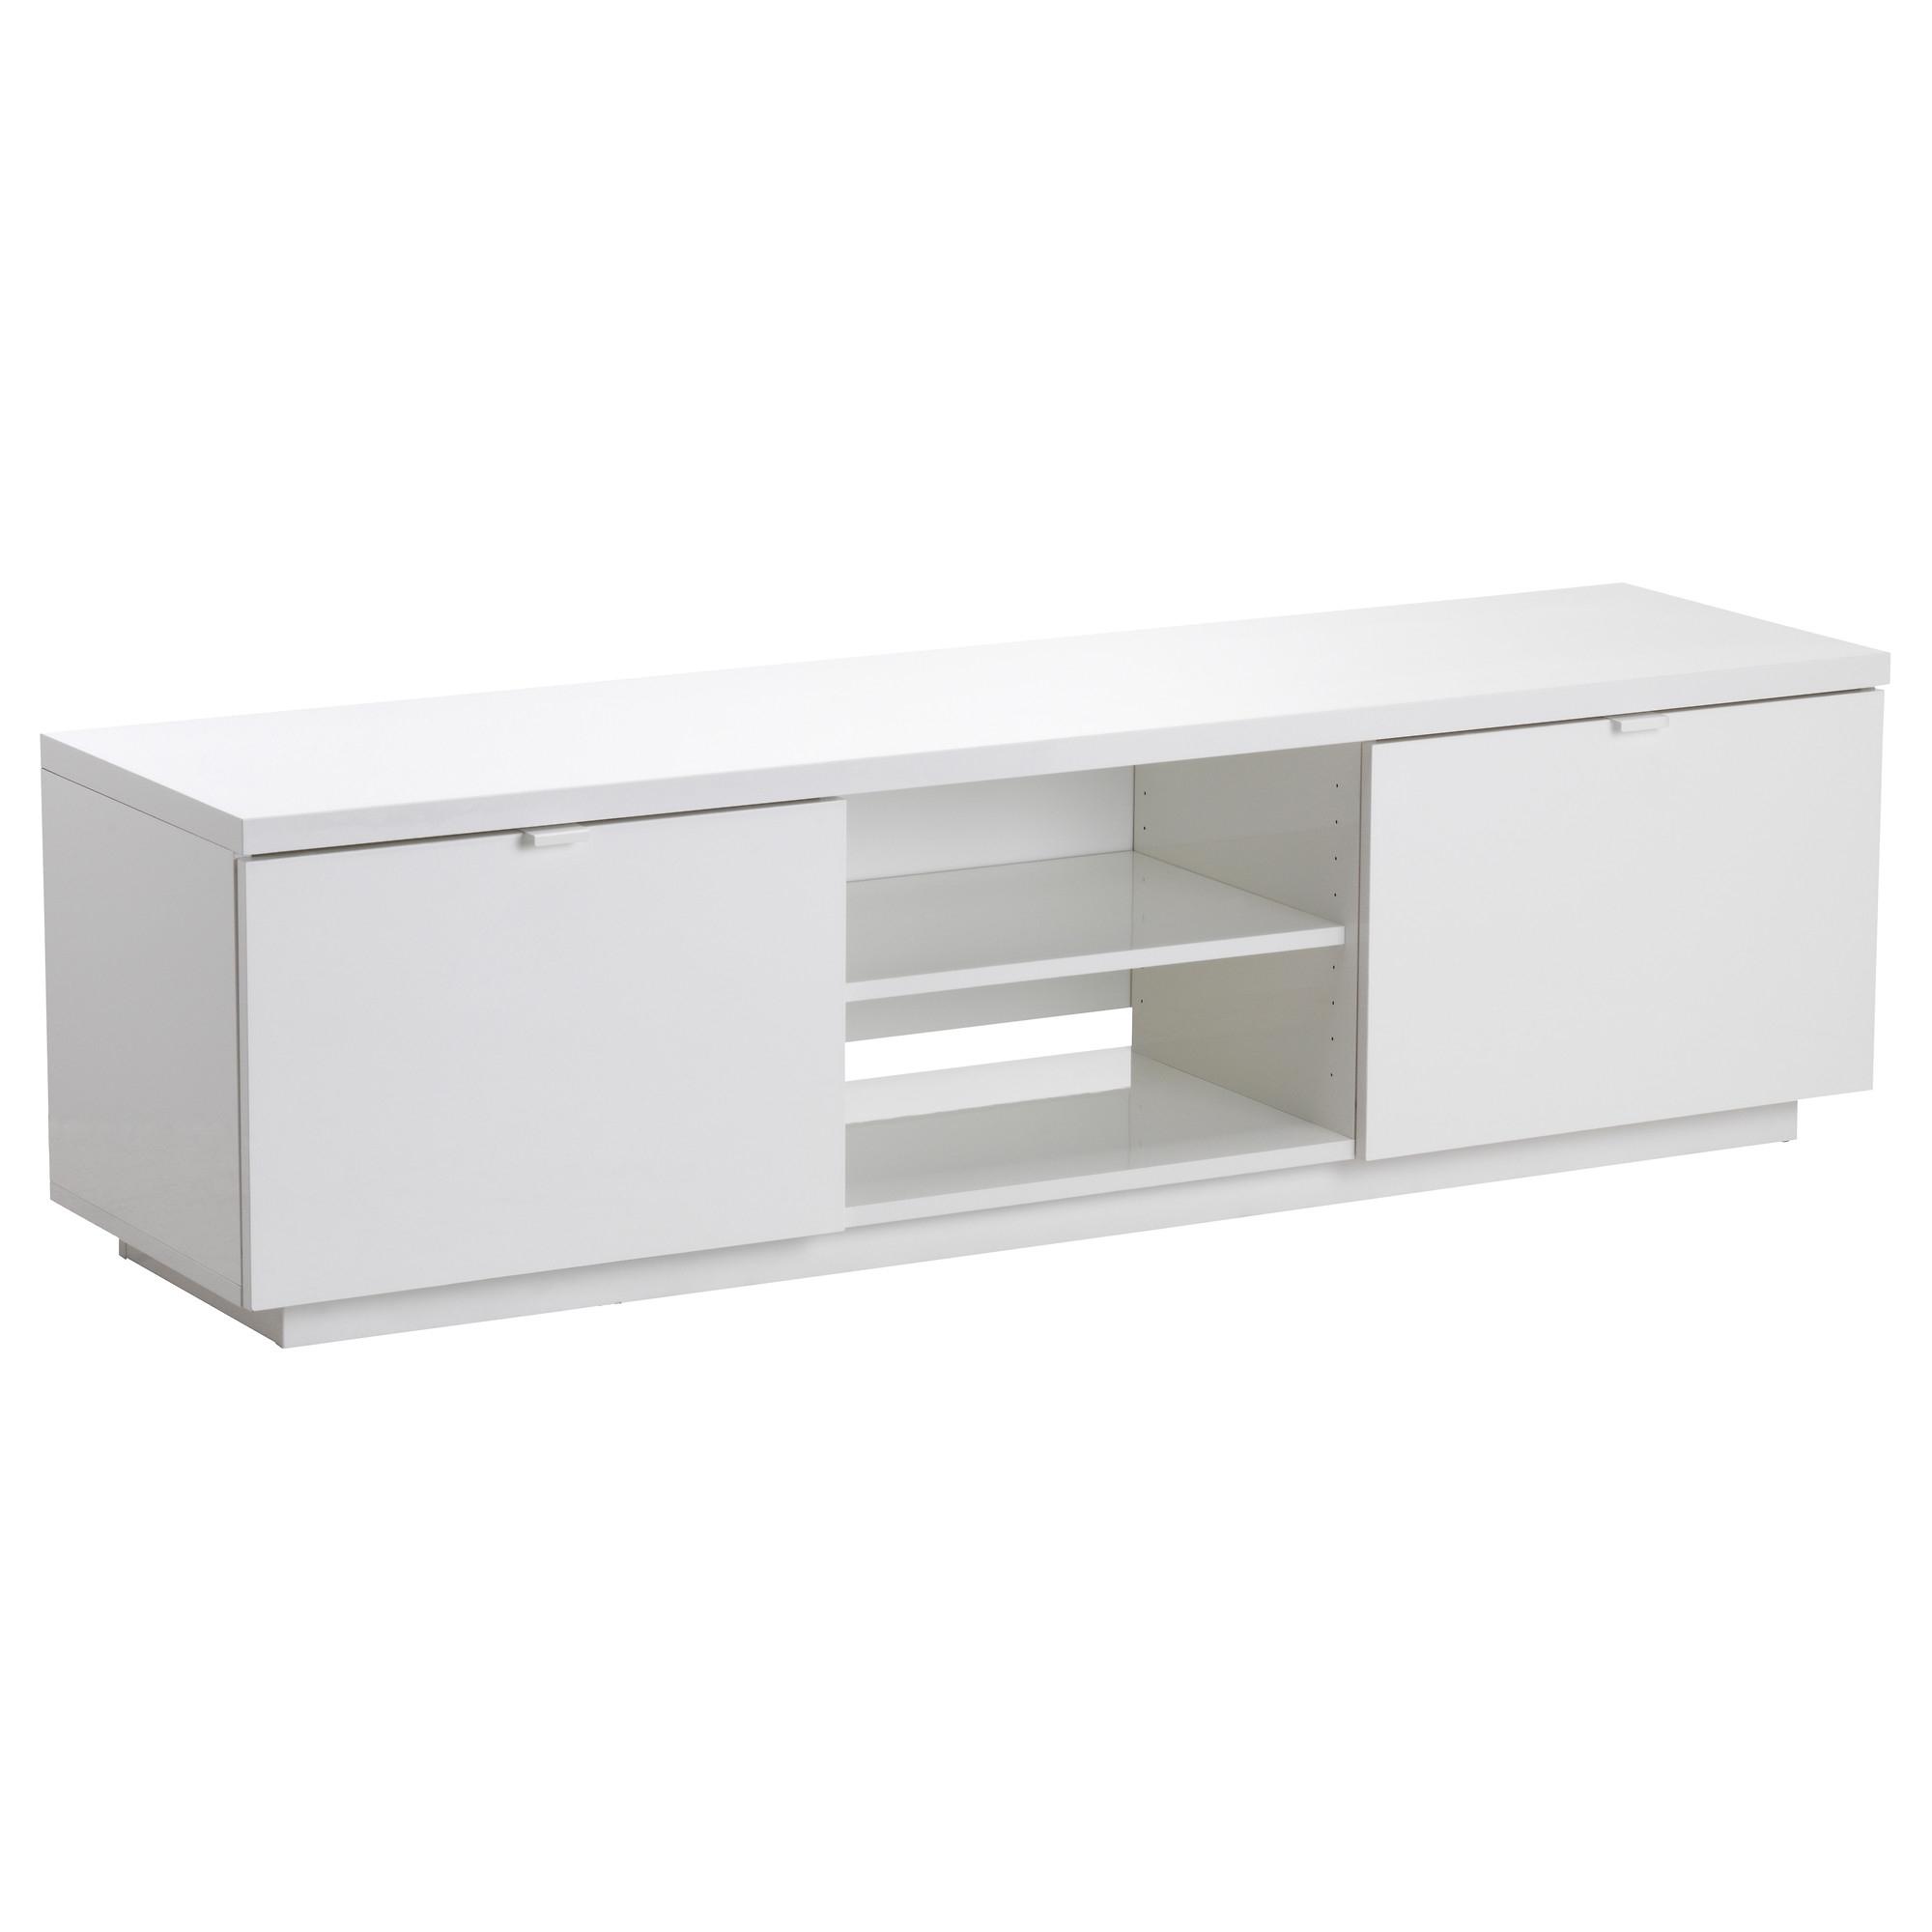 Mesas De Television Ikea 9ddf Bancos De Televisià N